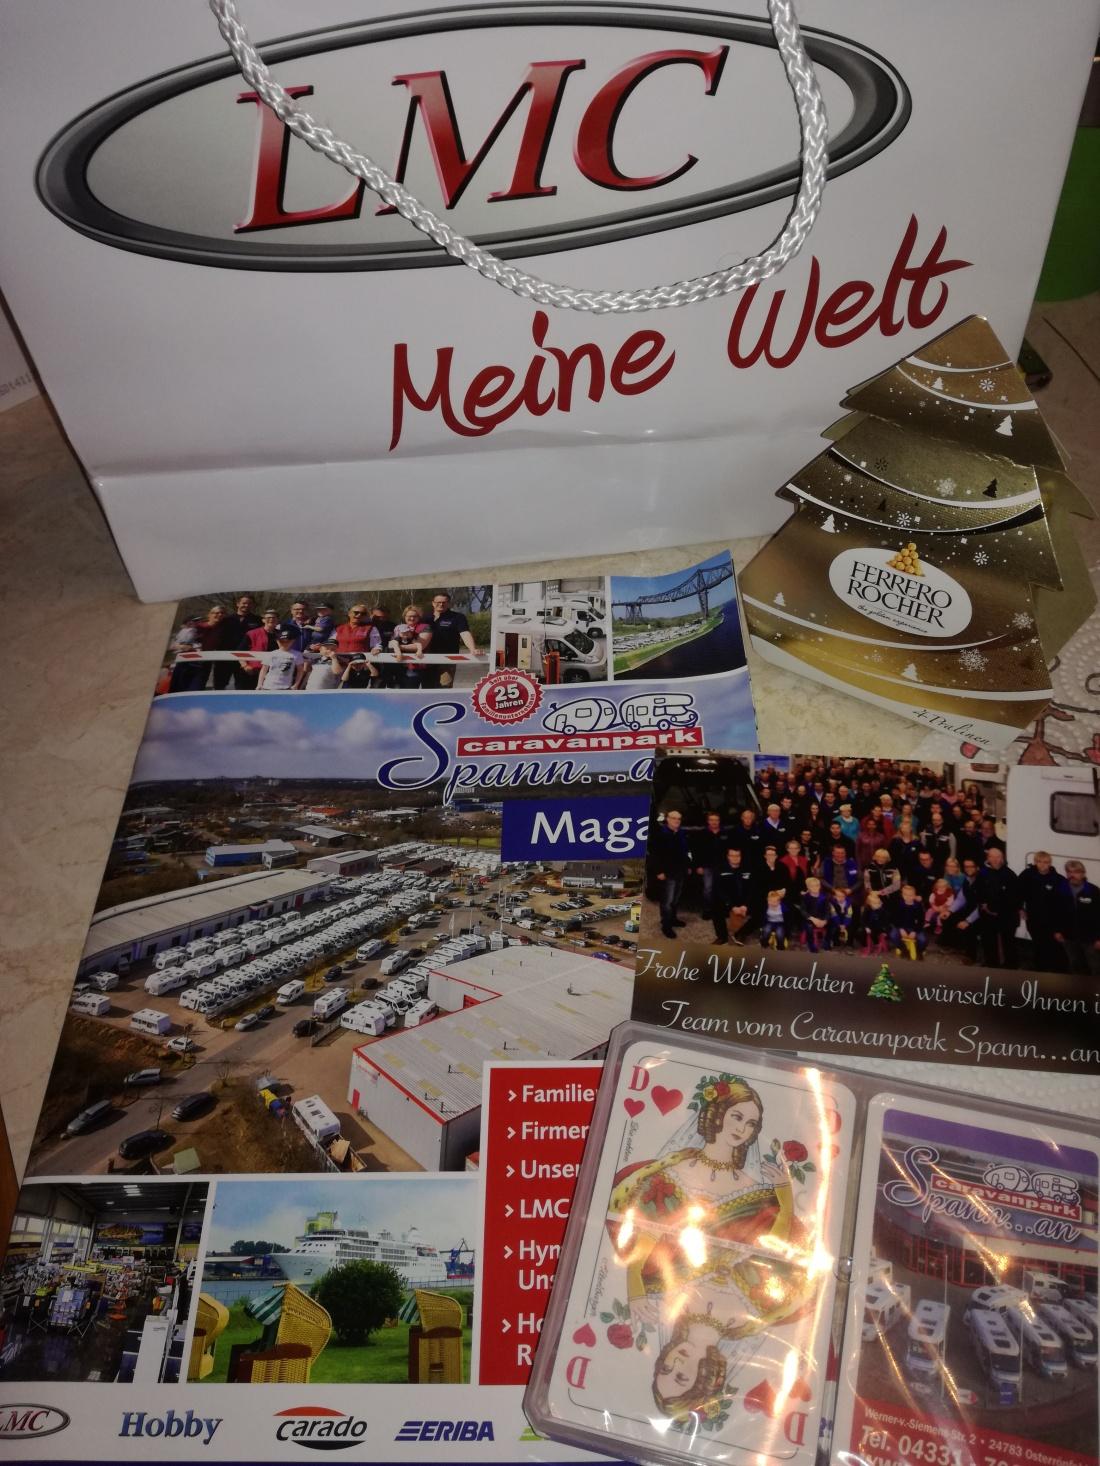 Weihnachten 2019 In Deutschland.23 12 03 01 2019 Deutschland Weihnachten Silvester Geburtstag